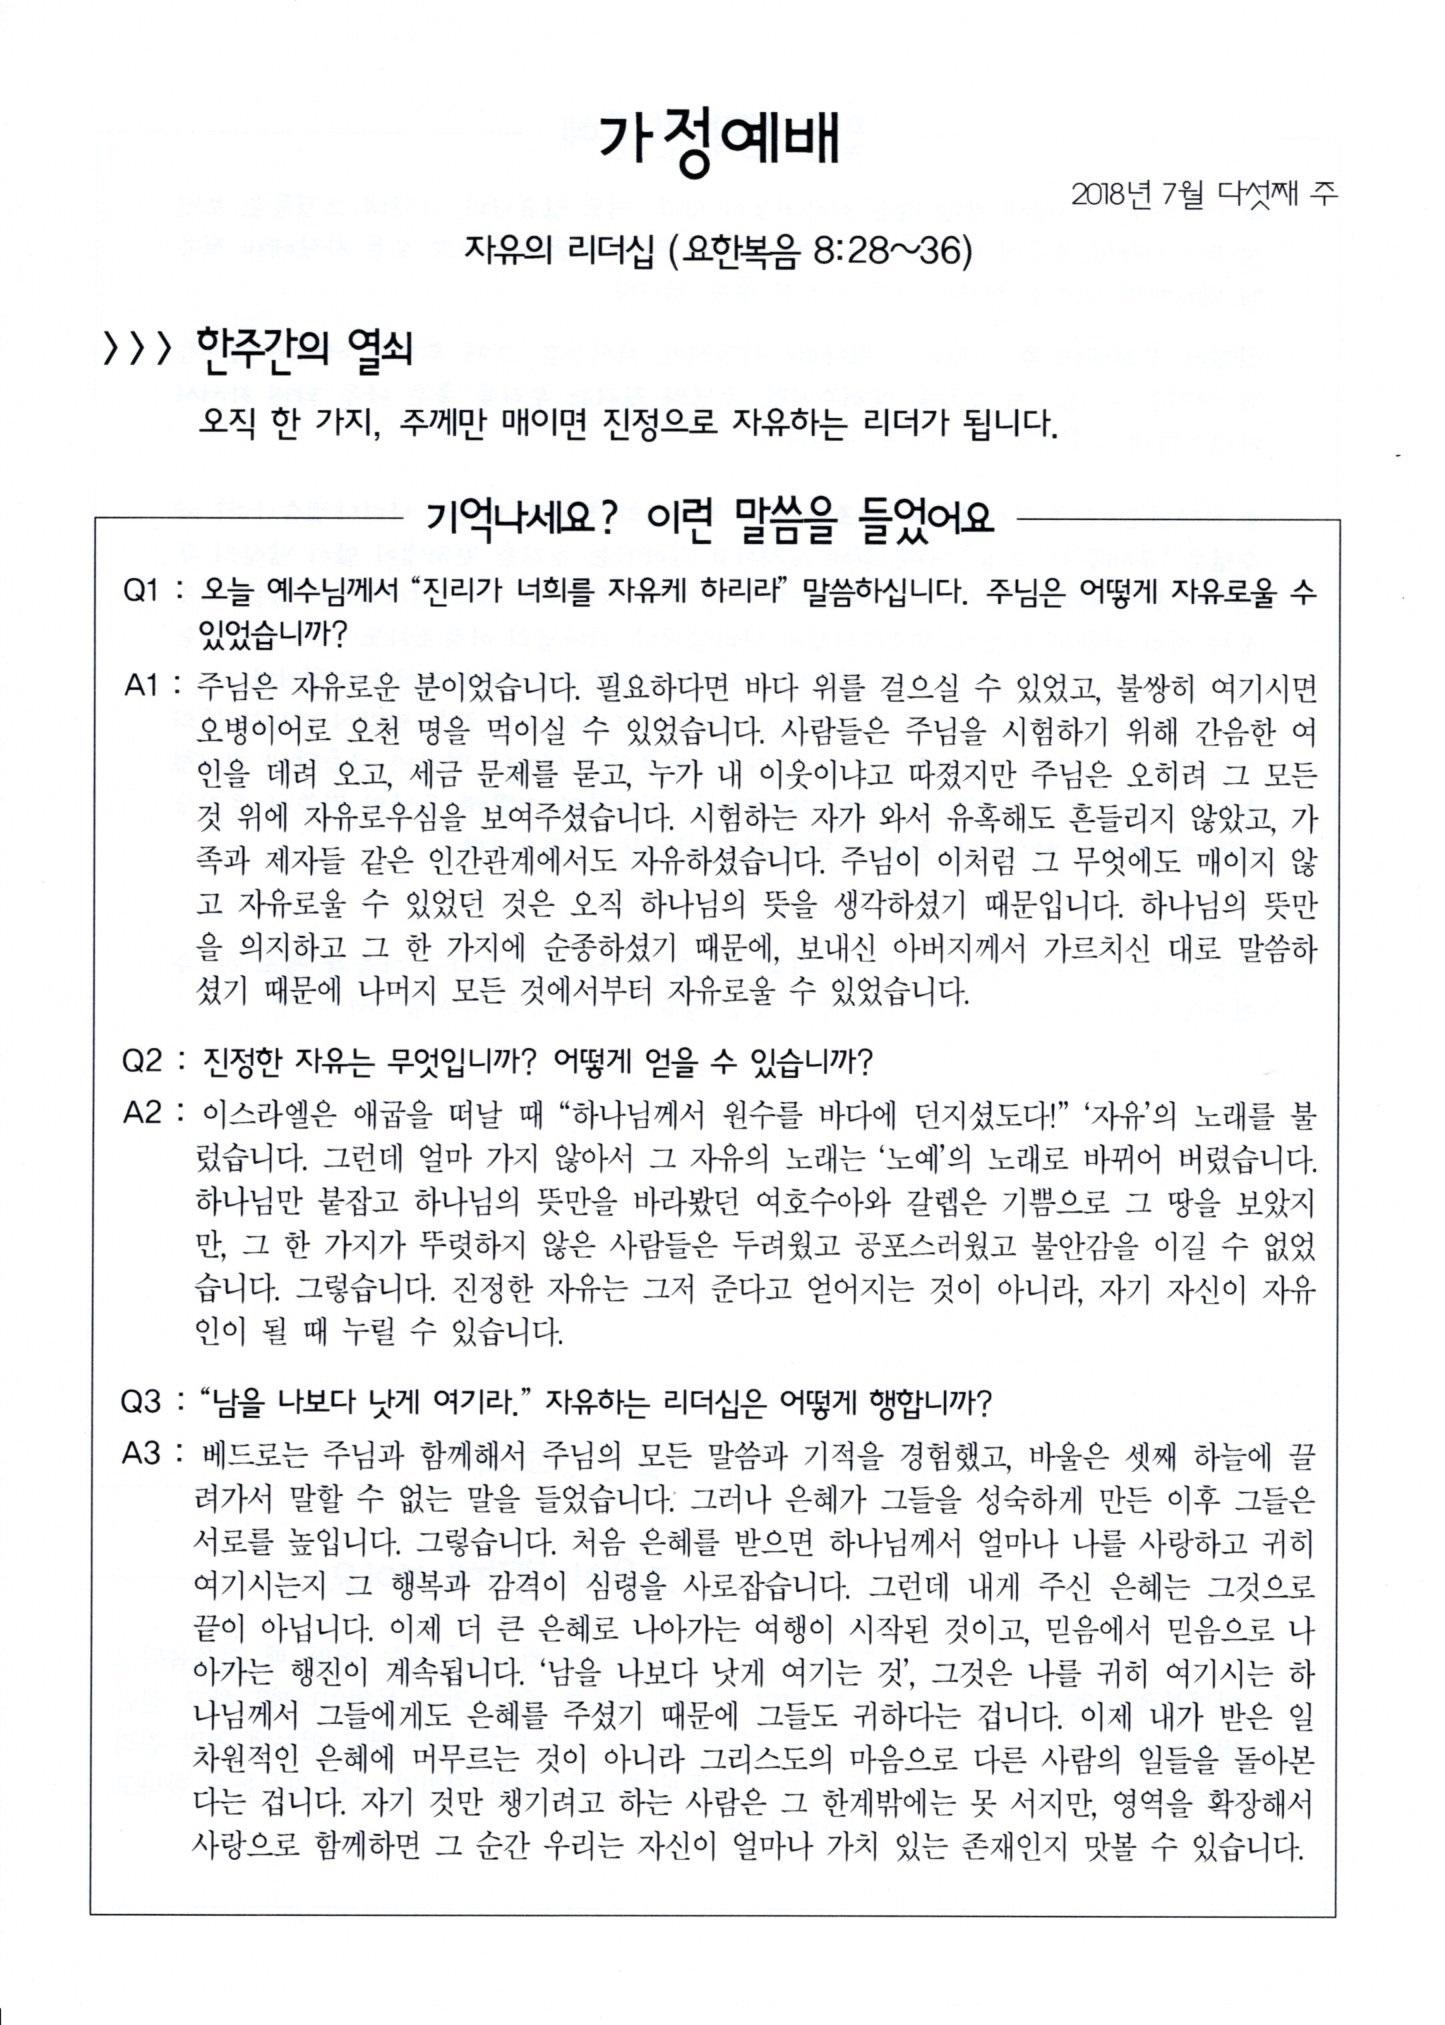 20180729_가정예배지01.jpg